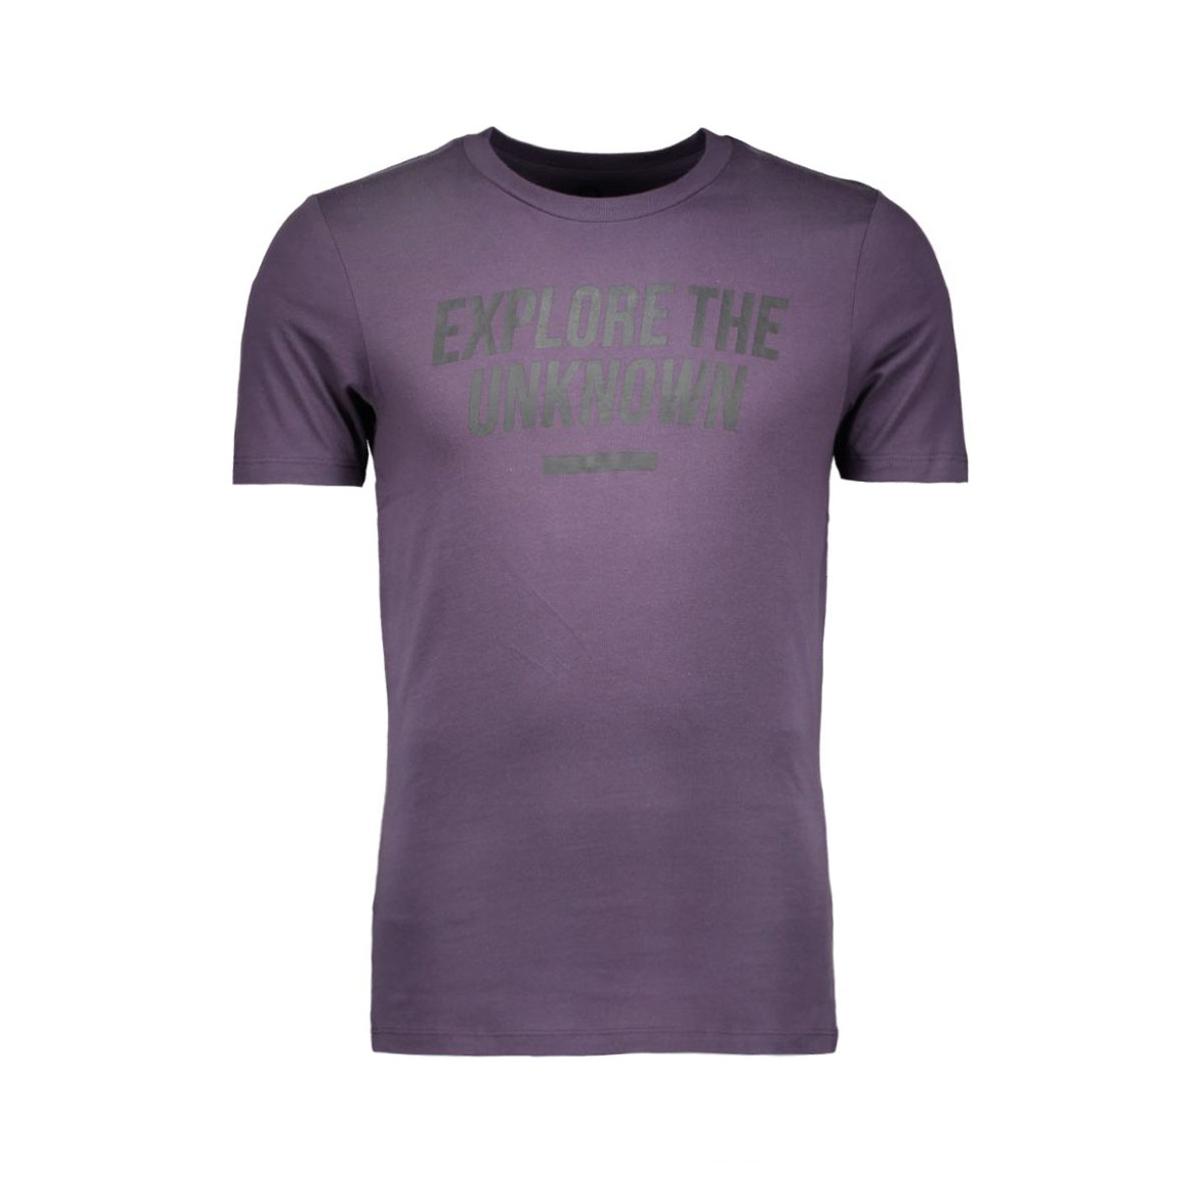 jcosharp tee ss crew neck 12108919 jack & jones t-shirt nightshade